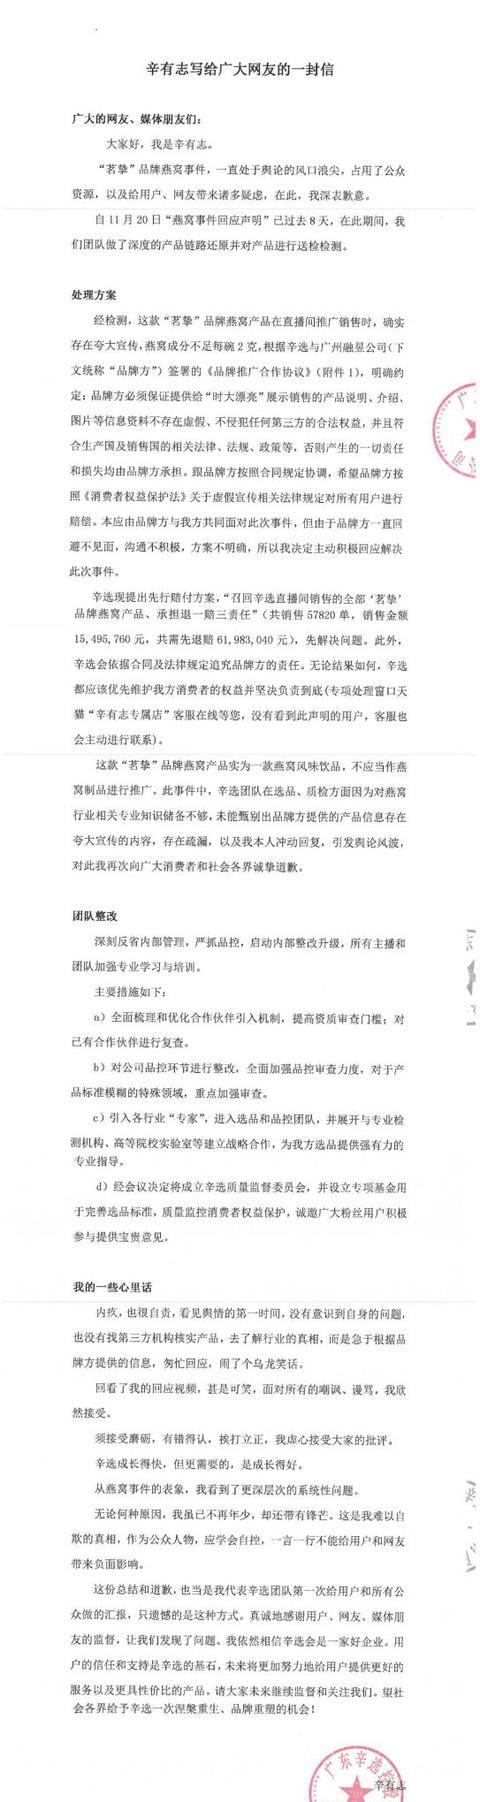 辛巴燕窝事件持续发酵 辛巴承认此次推广产品存在夸大宣传